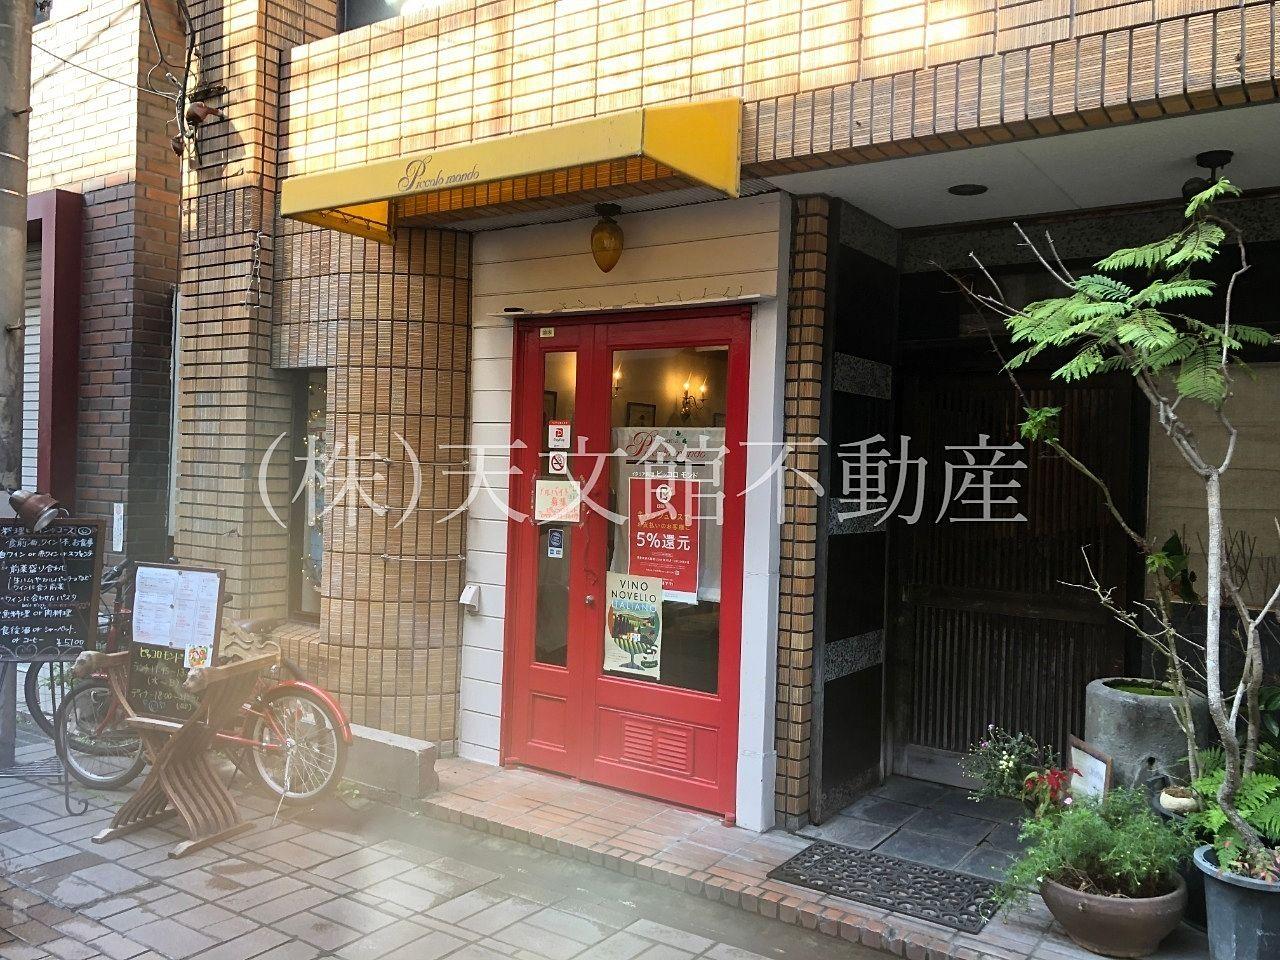 鹿児島市東千石町「イタリアン料理ピッコロ モンド」の玄関は赤色が目印です。